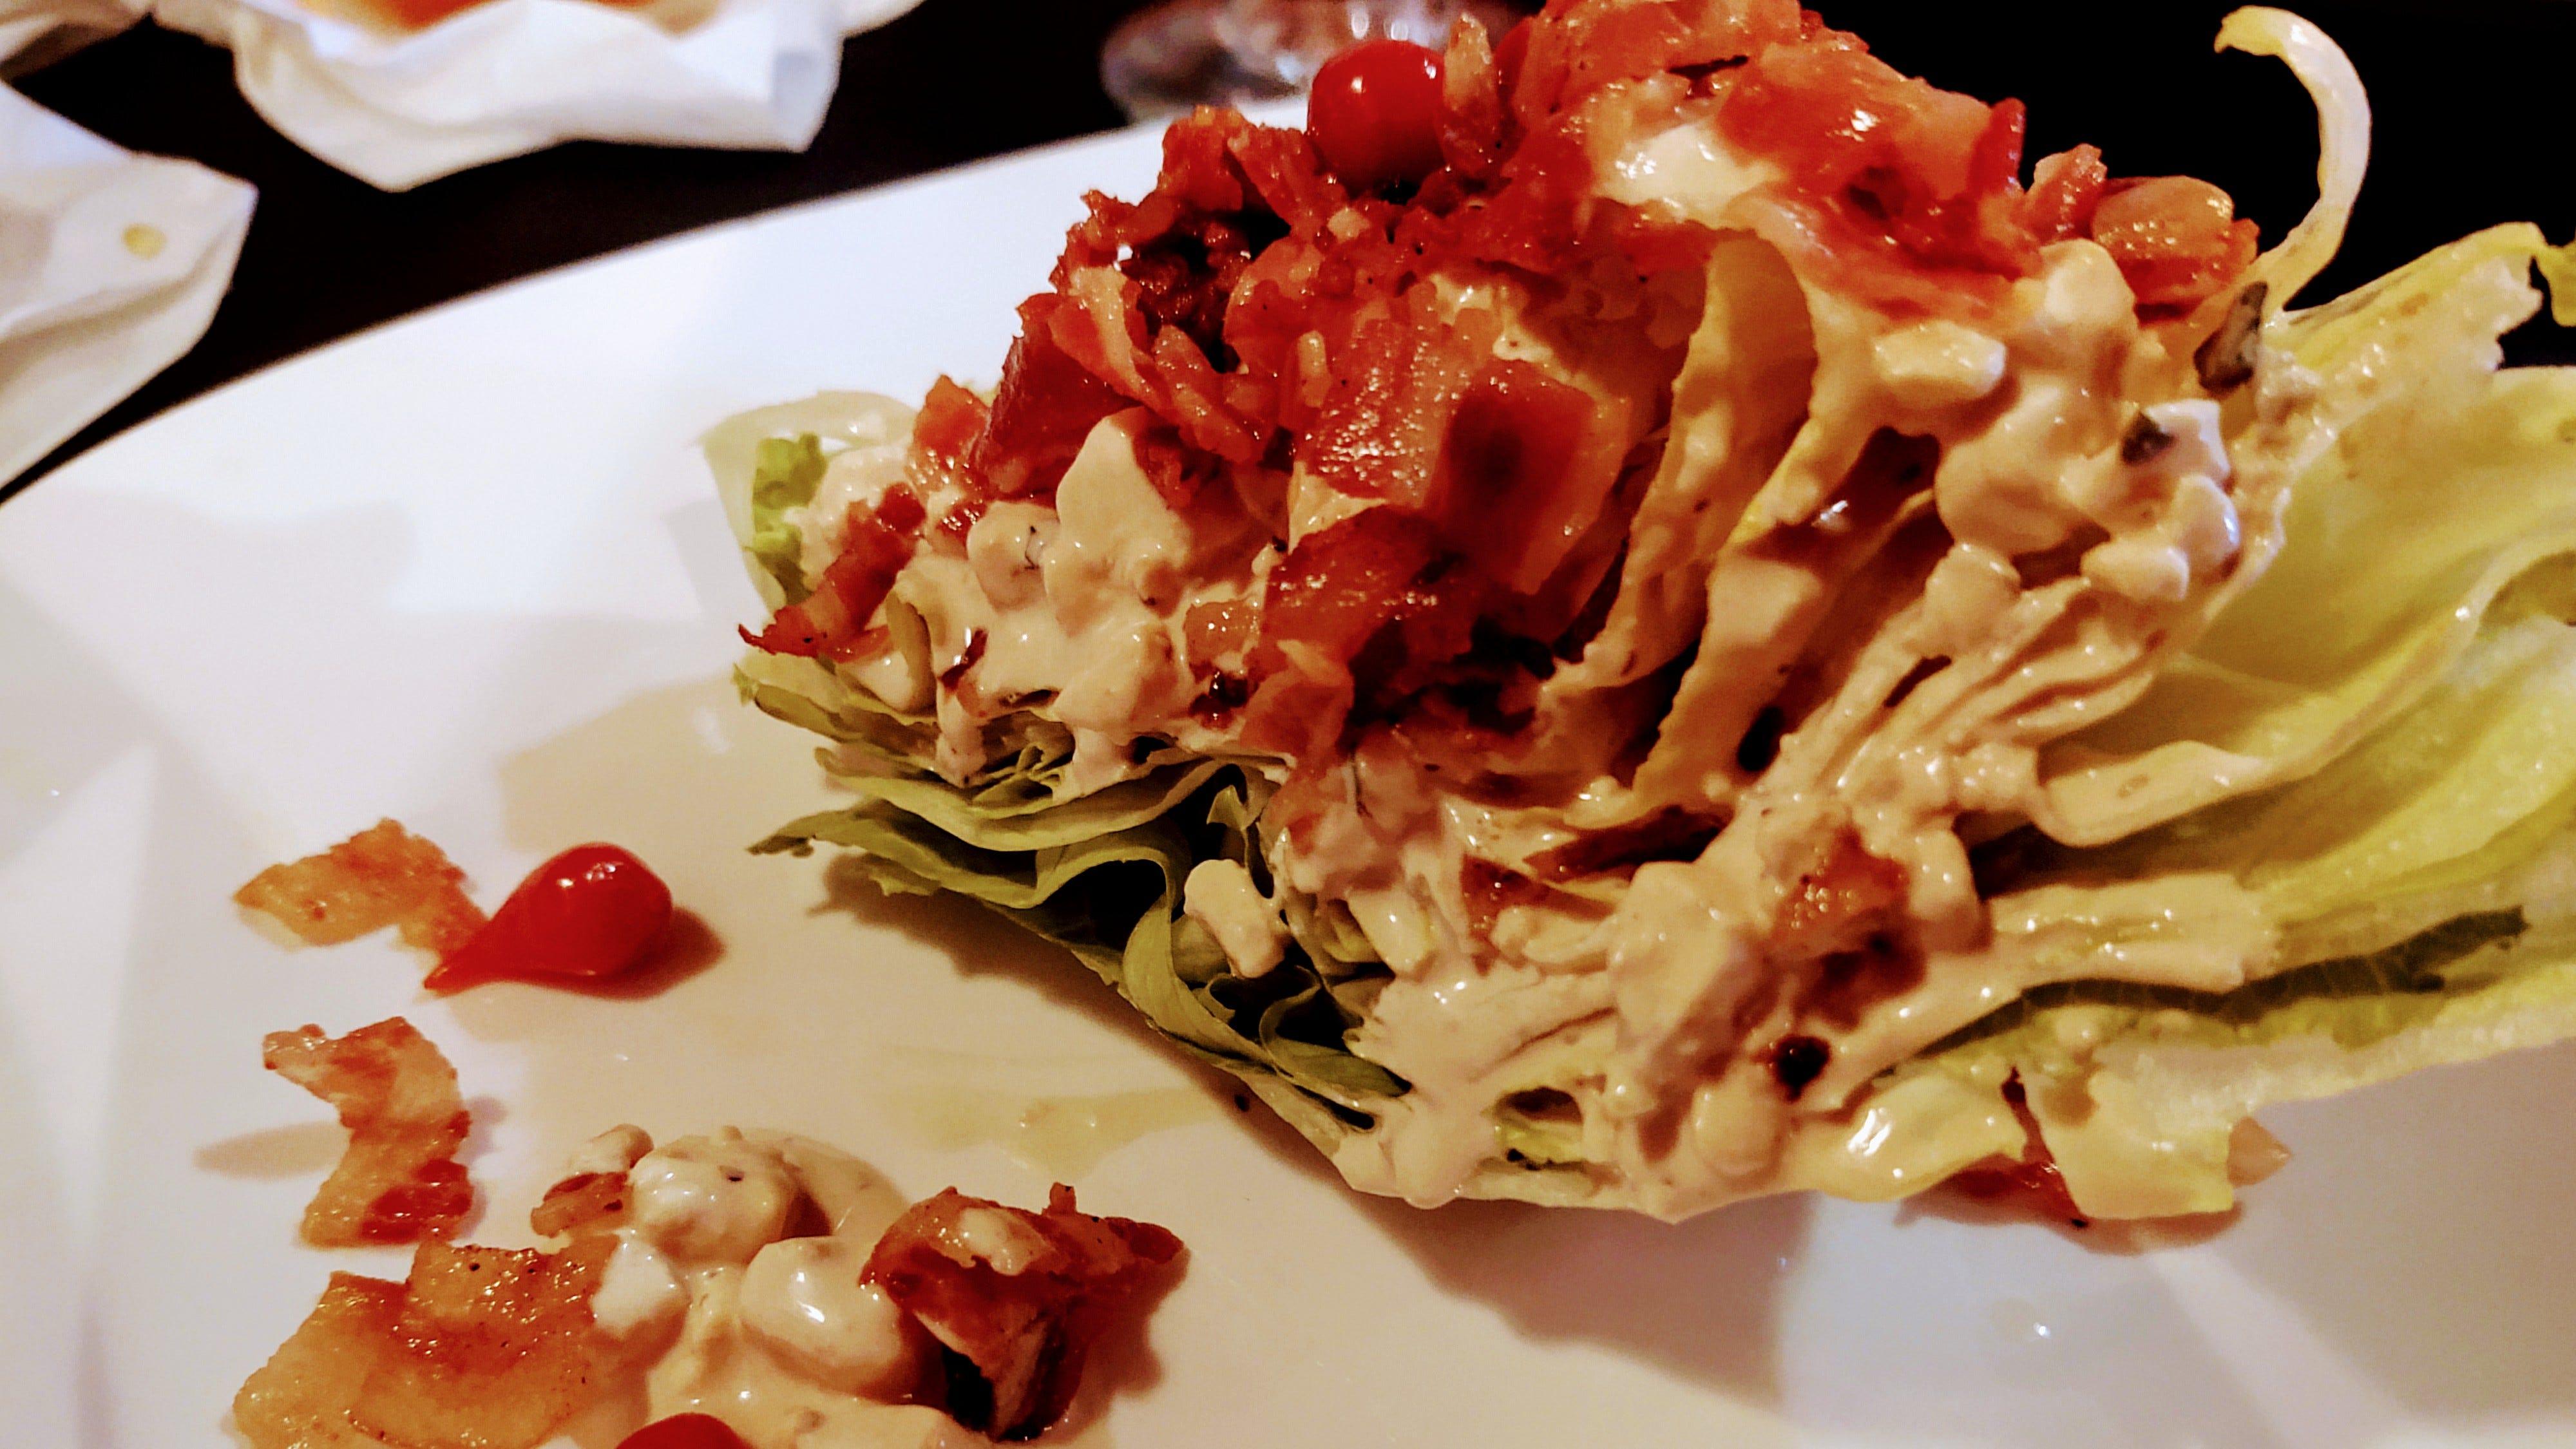 Abbiamo iniziato con un'insalata di cuneo croccante con pancetta e formaggio bleu balsamico e un'aggiunta inaspettata ma deliziosa di piccoli peperoni peruviani molli.